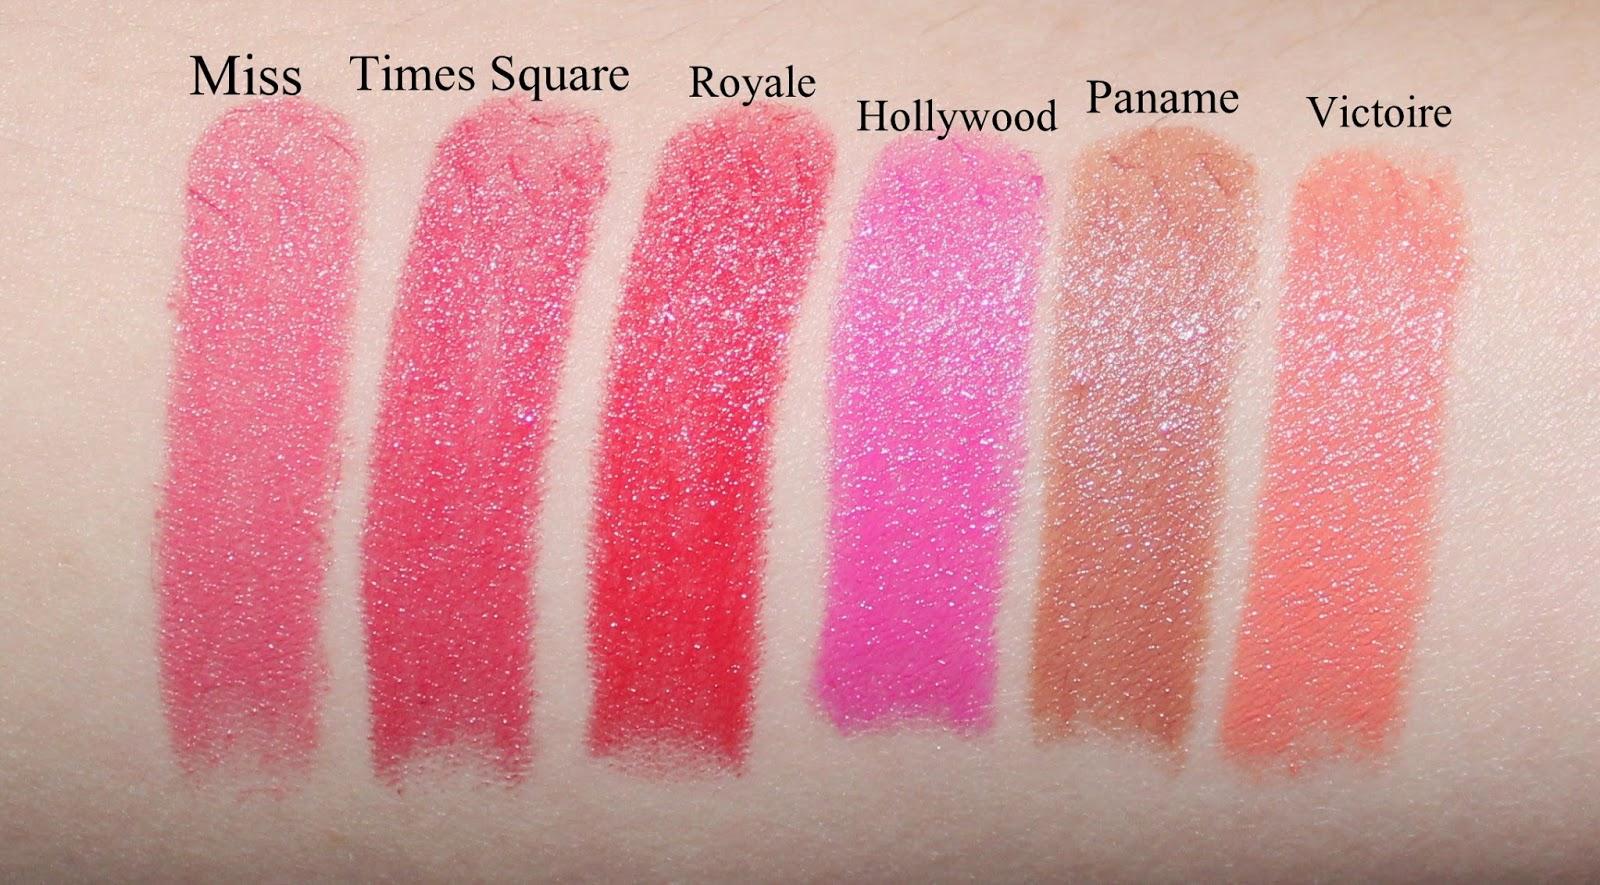 Beyond Blush: Dior Rouge Dior Lipsticks New Spring 2015 Shades